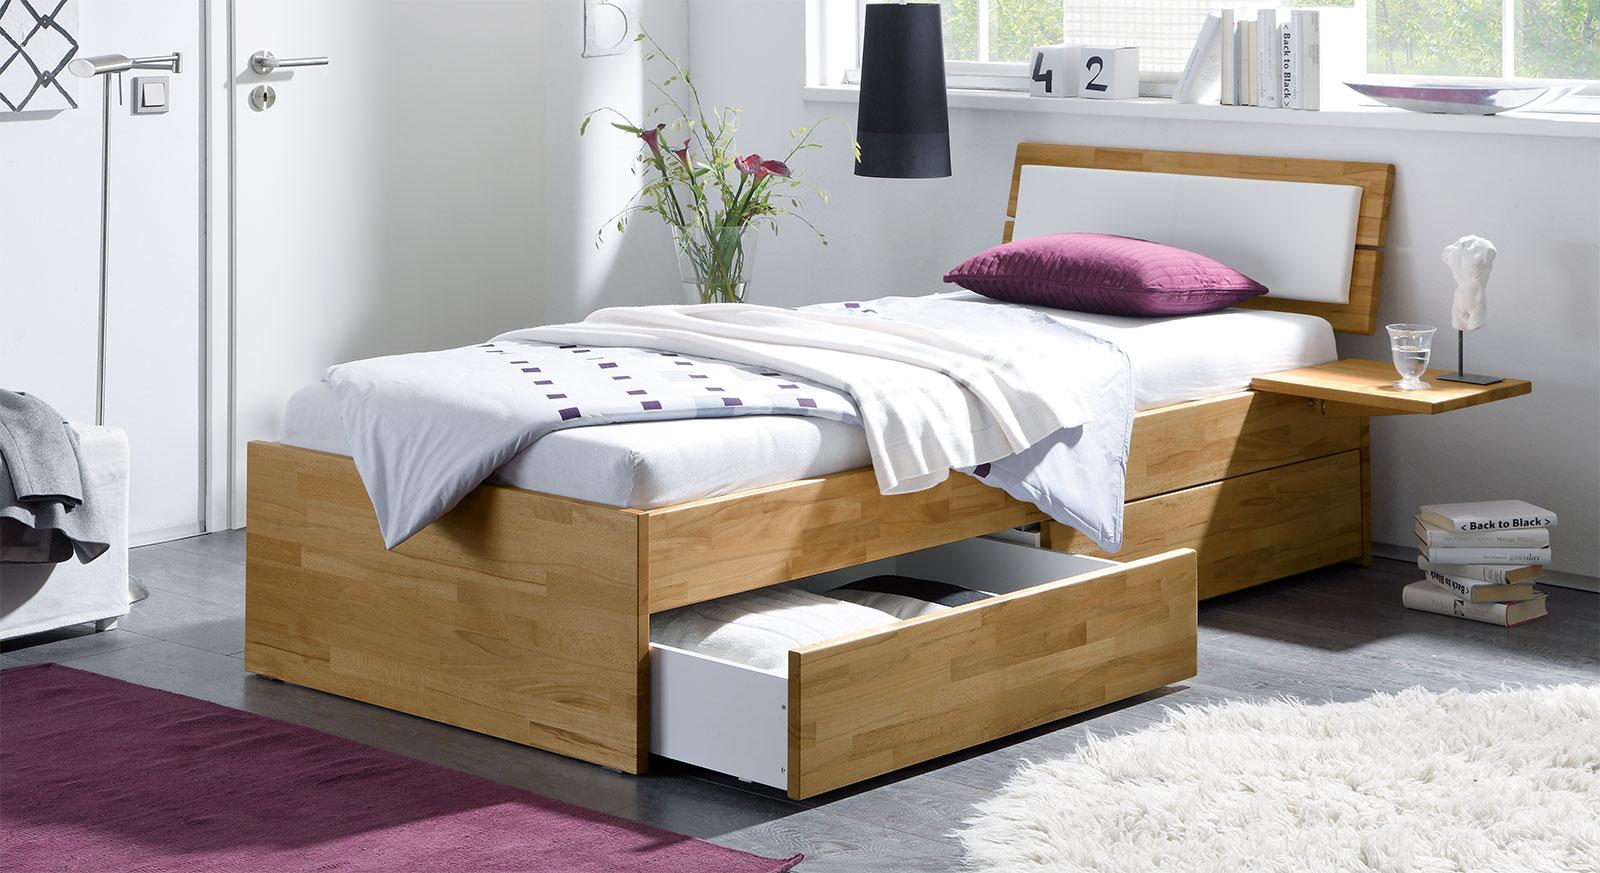 Einzelbett aus Holz mit Schubladen kaufen - Leova | BETTEN.de